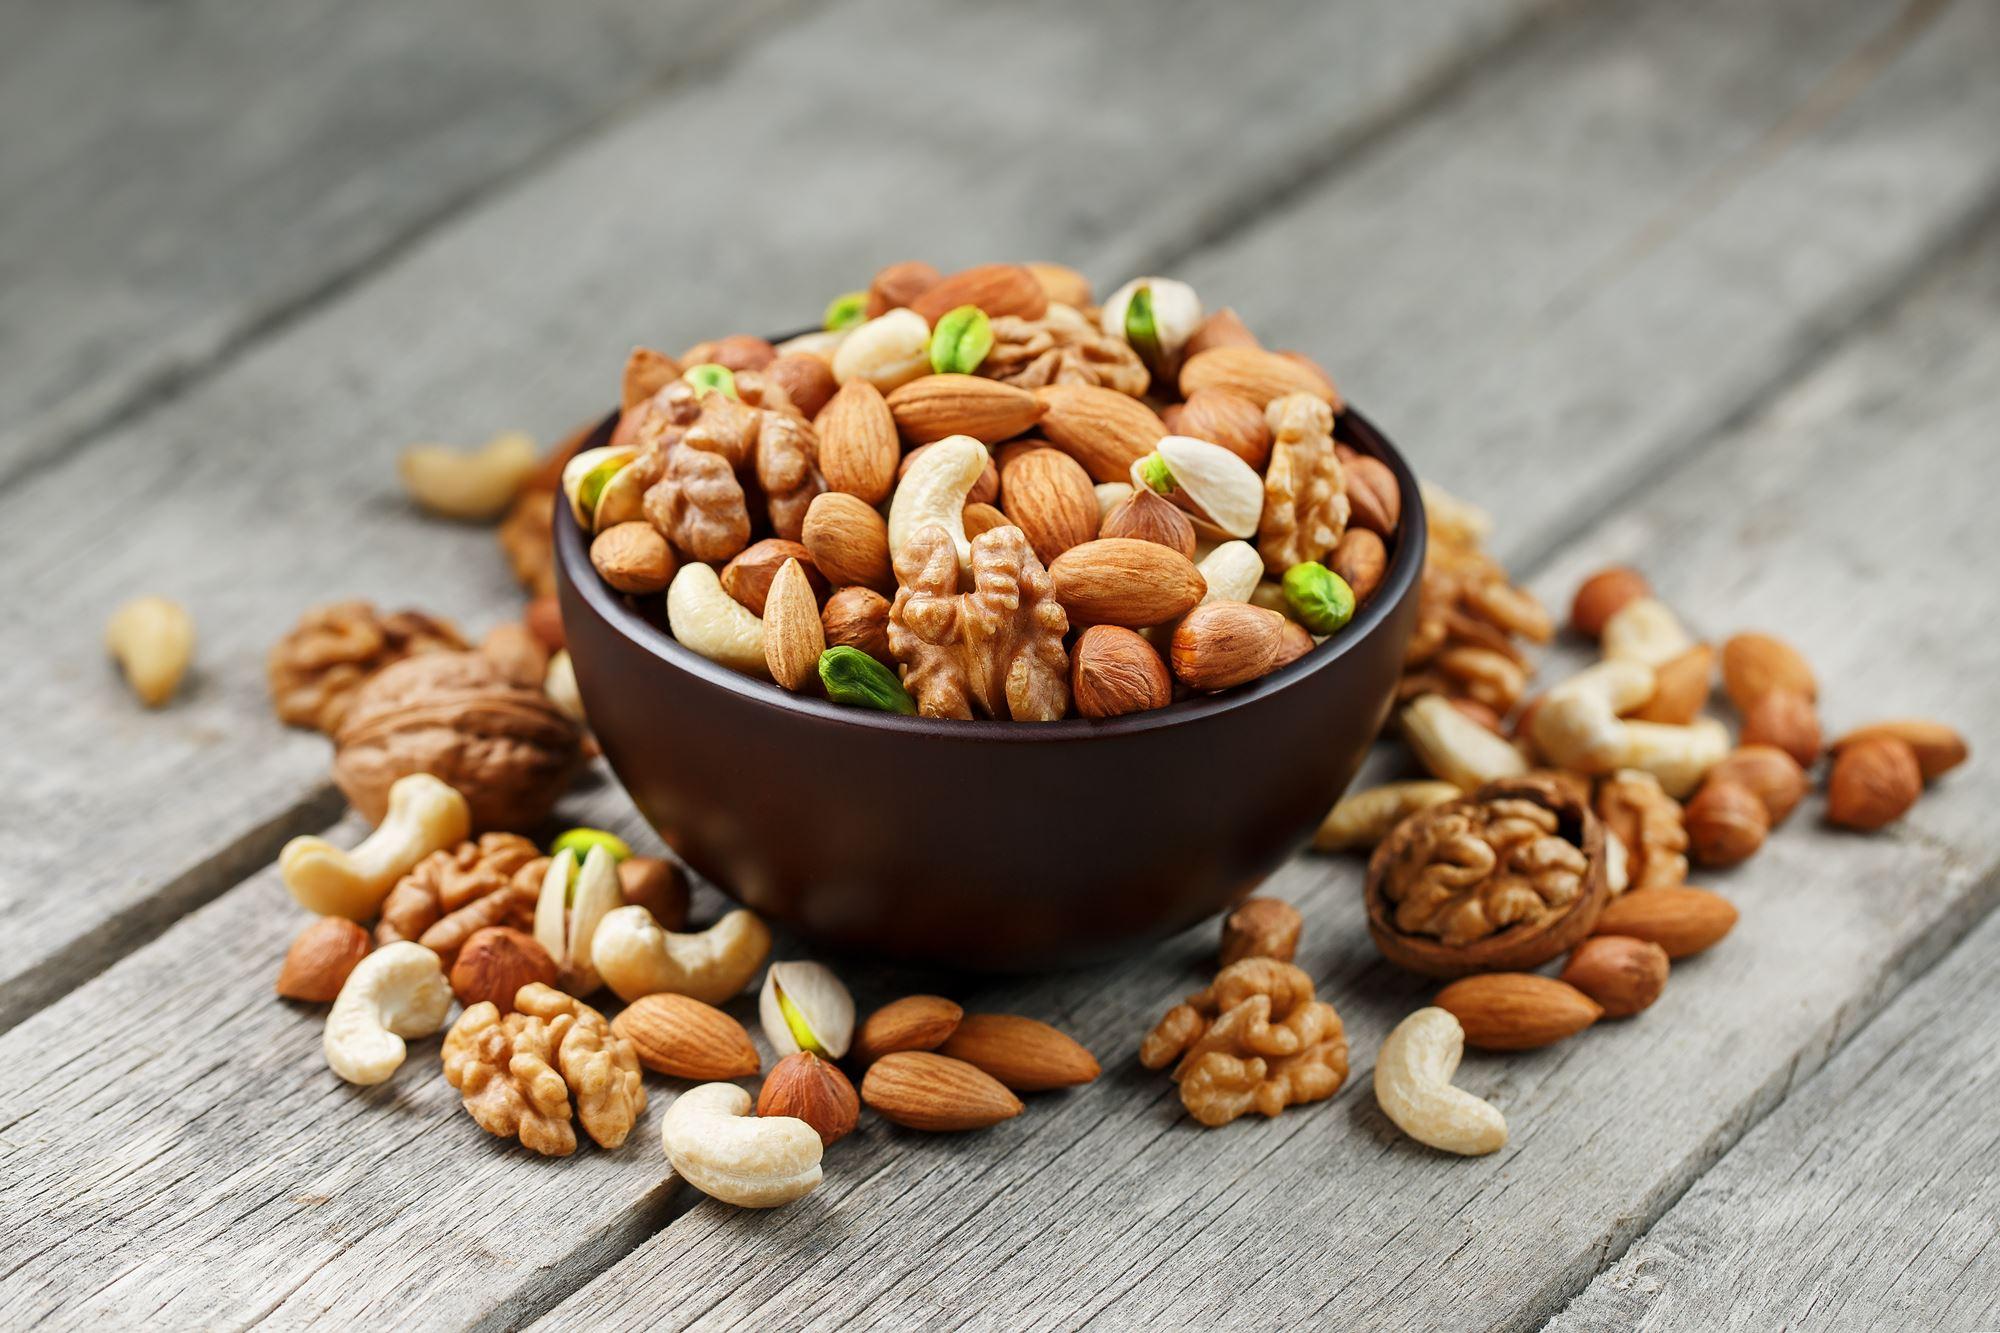 Орехи для печени: грецкие, кедровые, миндаль, арахис и фундук, можно ли их при заболеваниях?